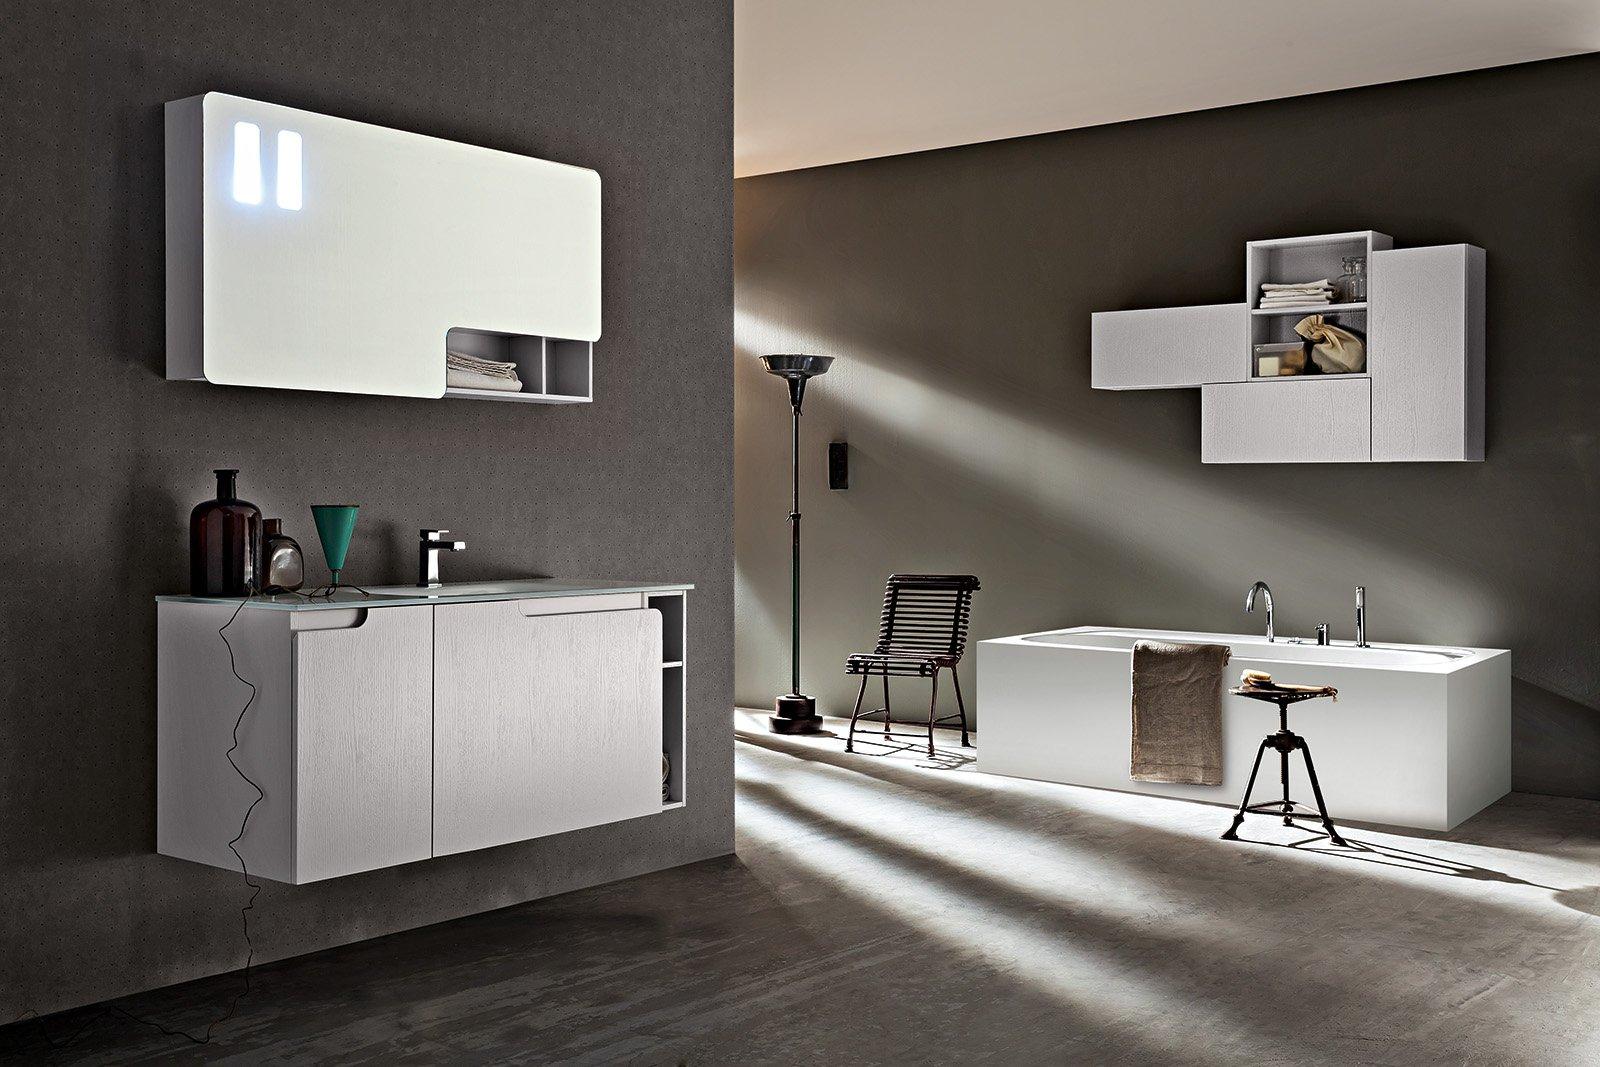 Specchi per il bagno cose di casa - Specchio per bagno ...